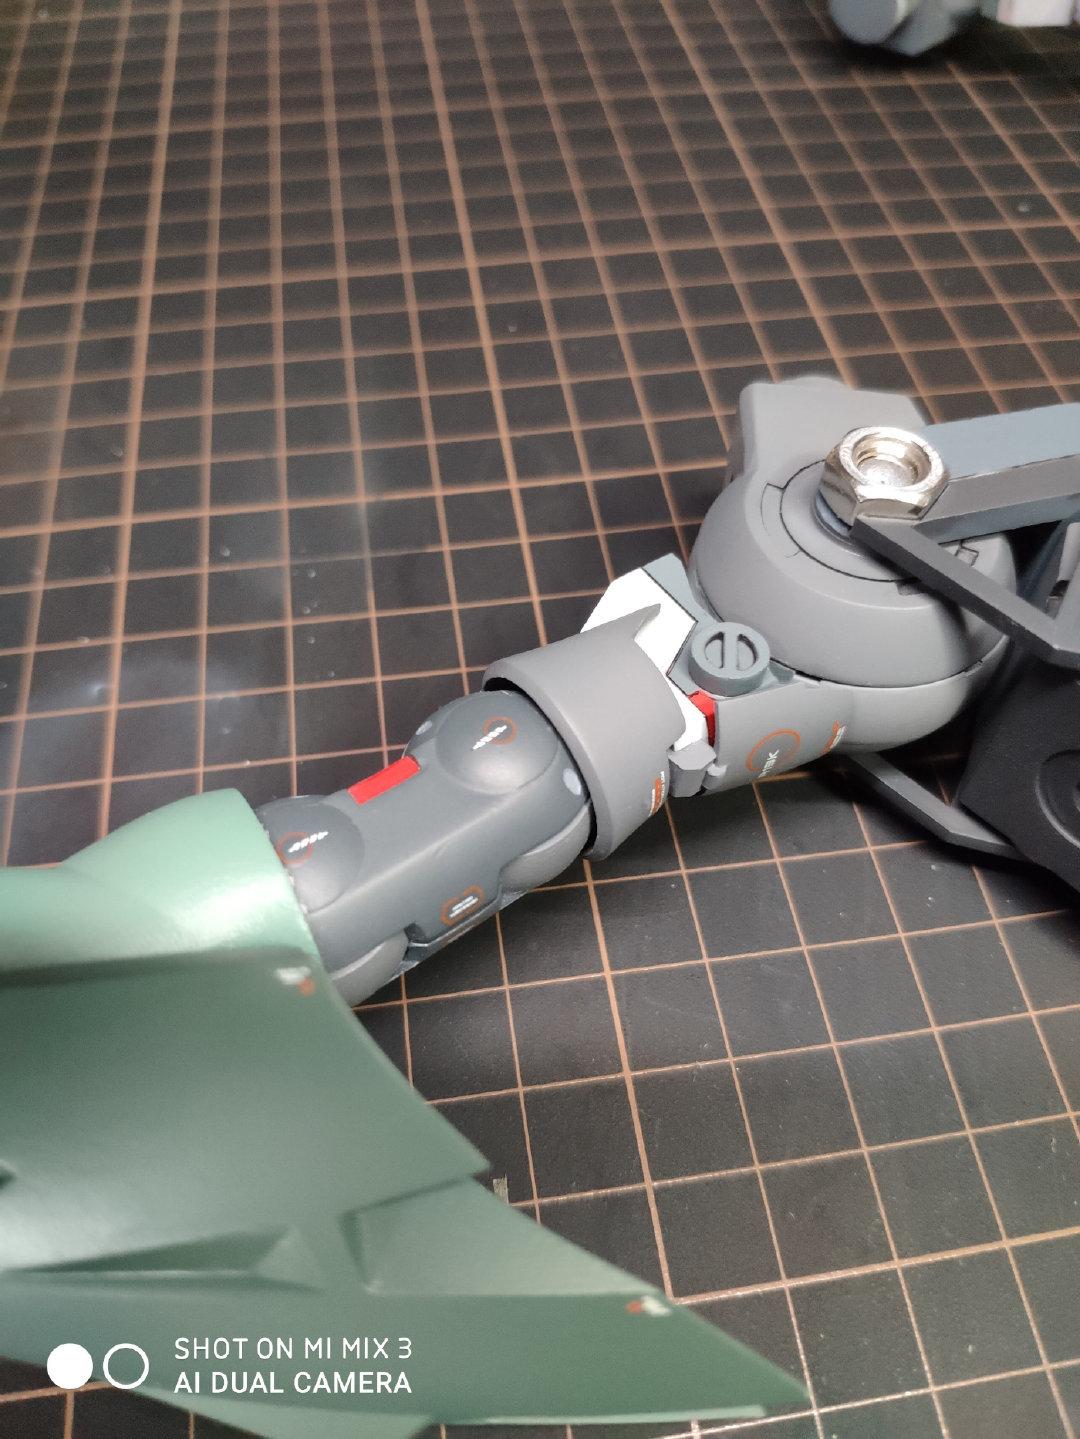 G330_AMX_002_Neue_Ziel_p_132.jpg